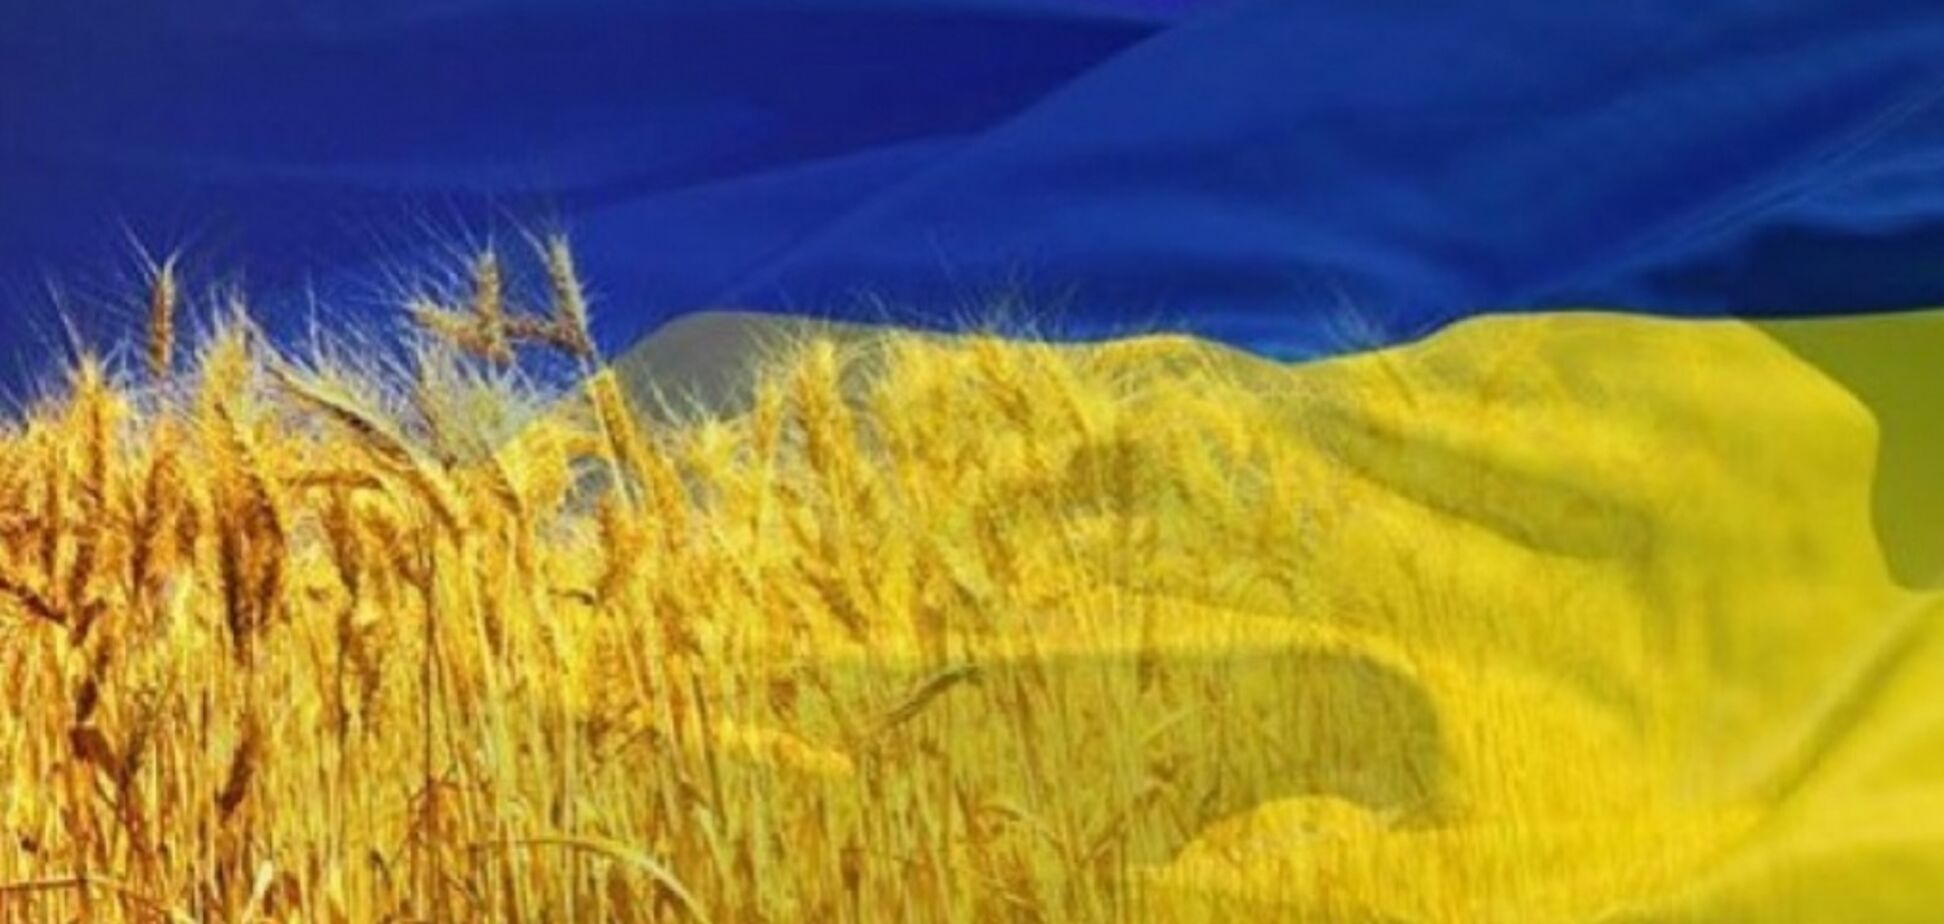 Думаєте, в Україні все погано? А ви знаєте, як живуть інші країни?